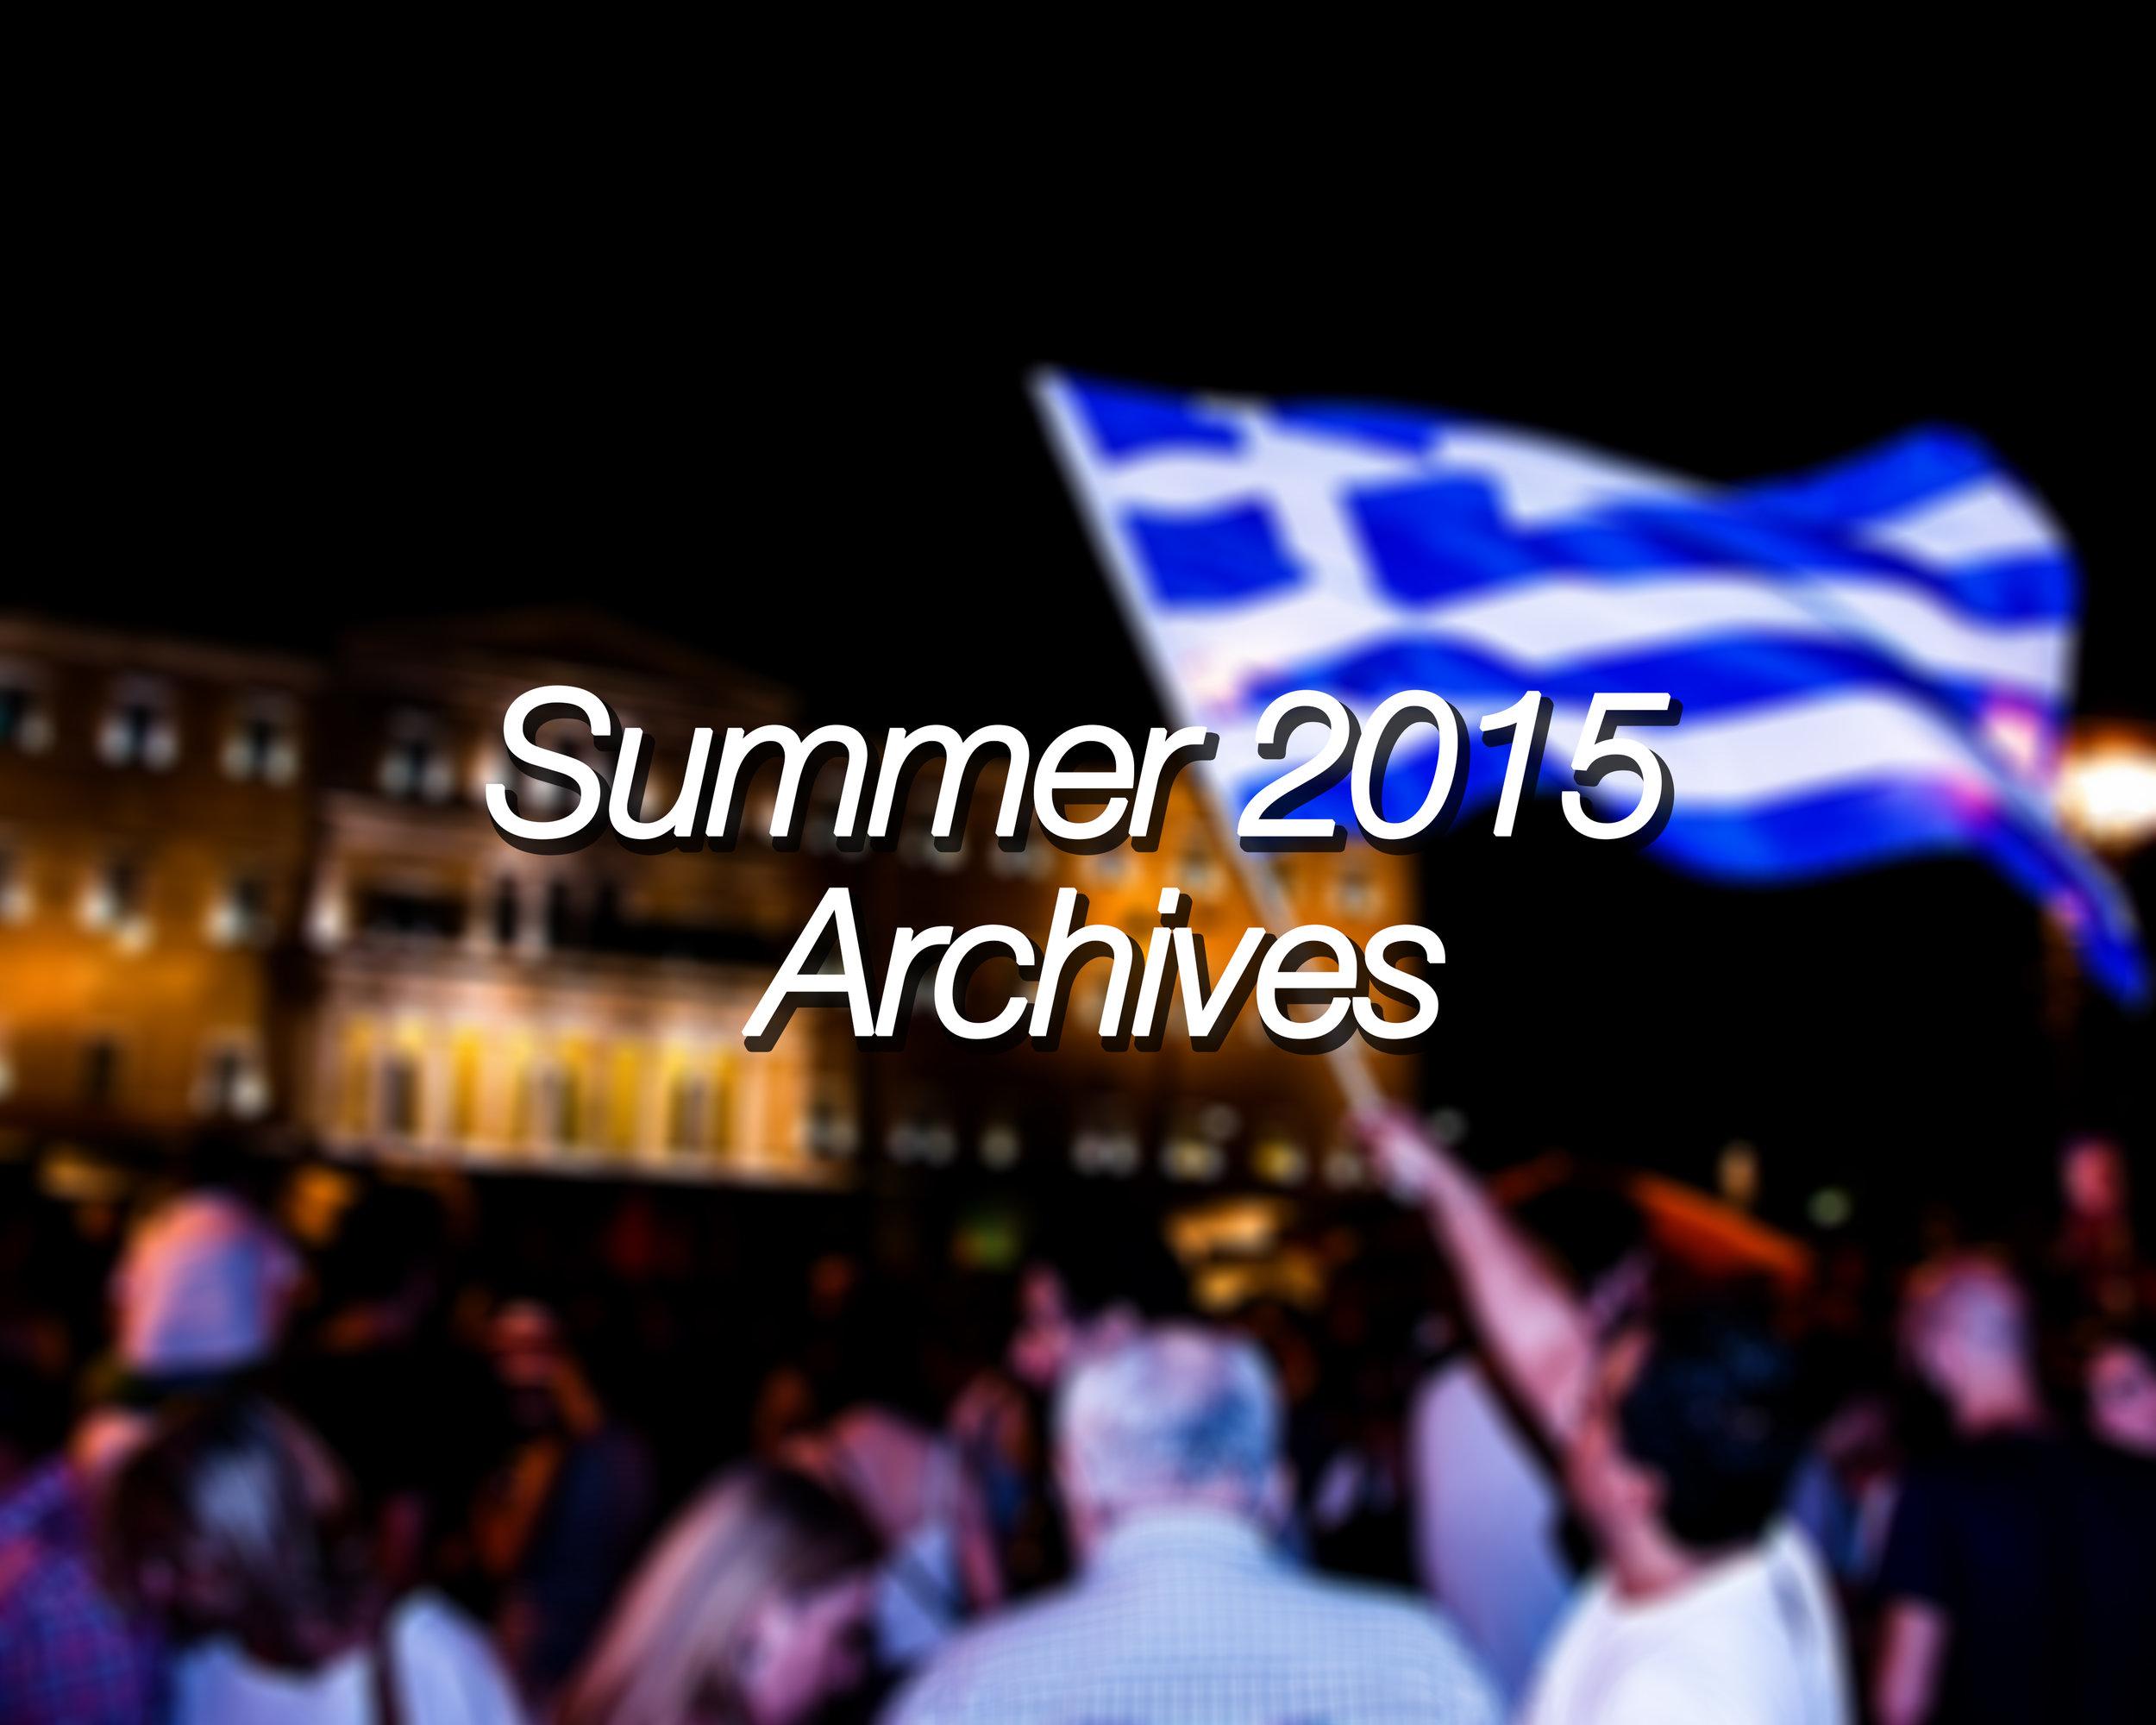 Summer 2015 Archives copy.jpg